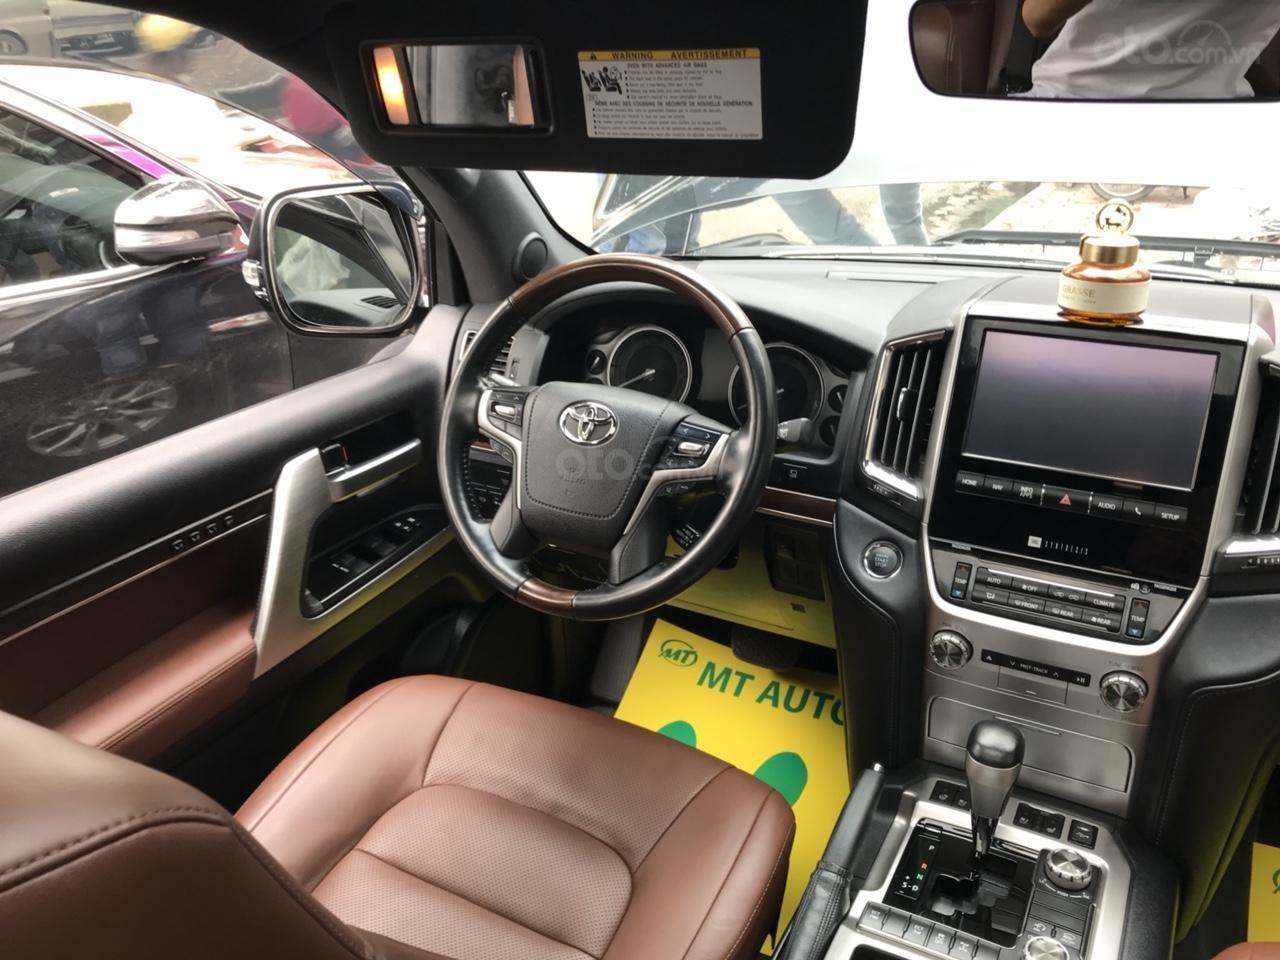 MT Auto bán Toyota Land Cruiser V8 5.7 SX 2016, xe mới 100% màu đen, xe nhập Mỹ nguyên chiếc - LH em Hương 0945392468-15